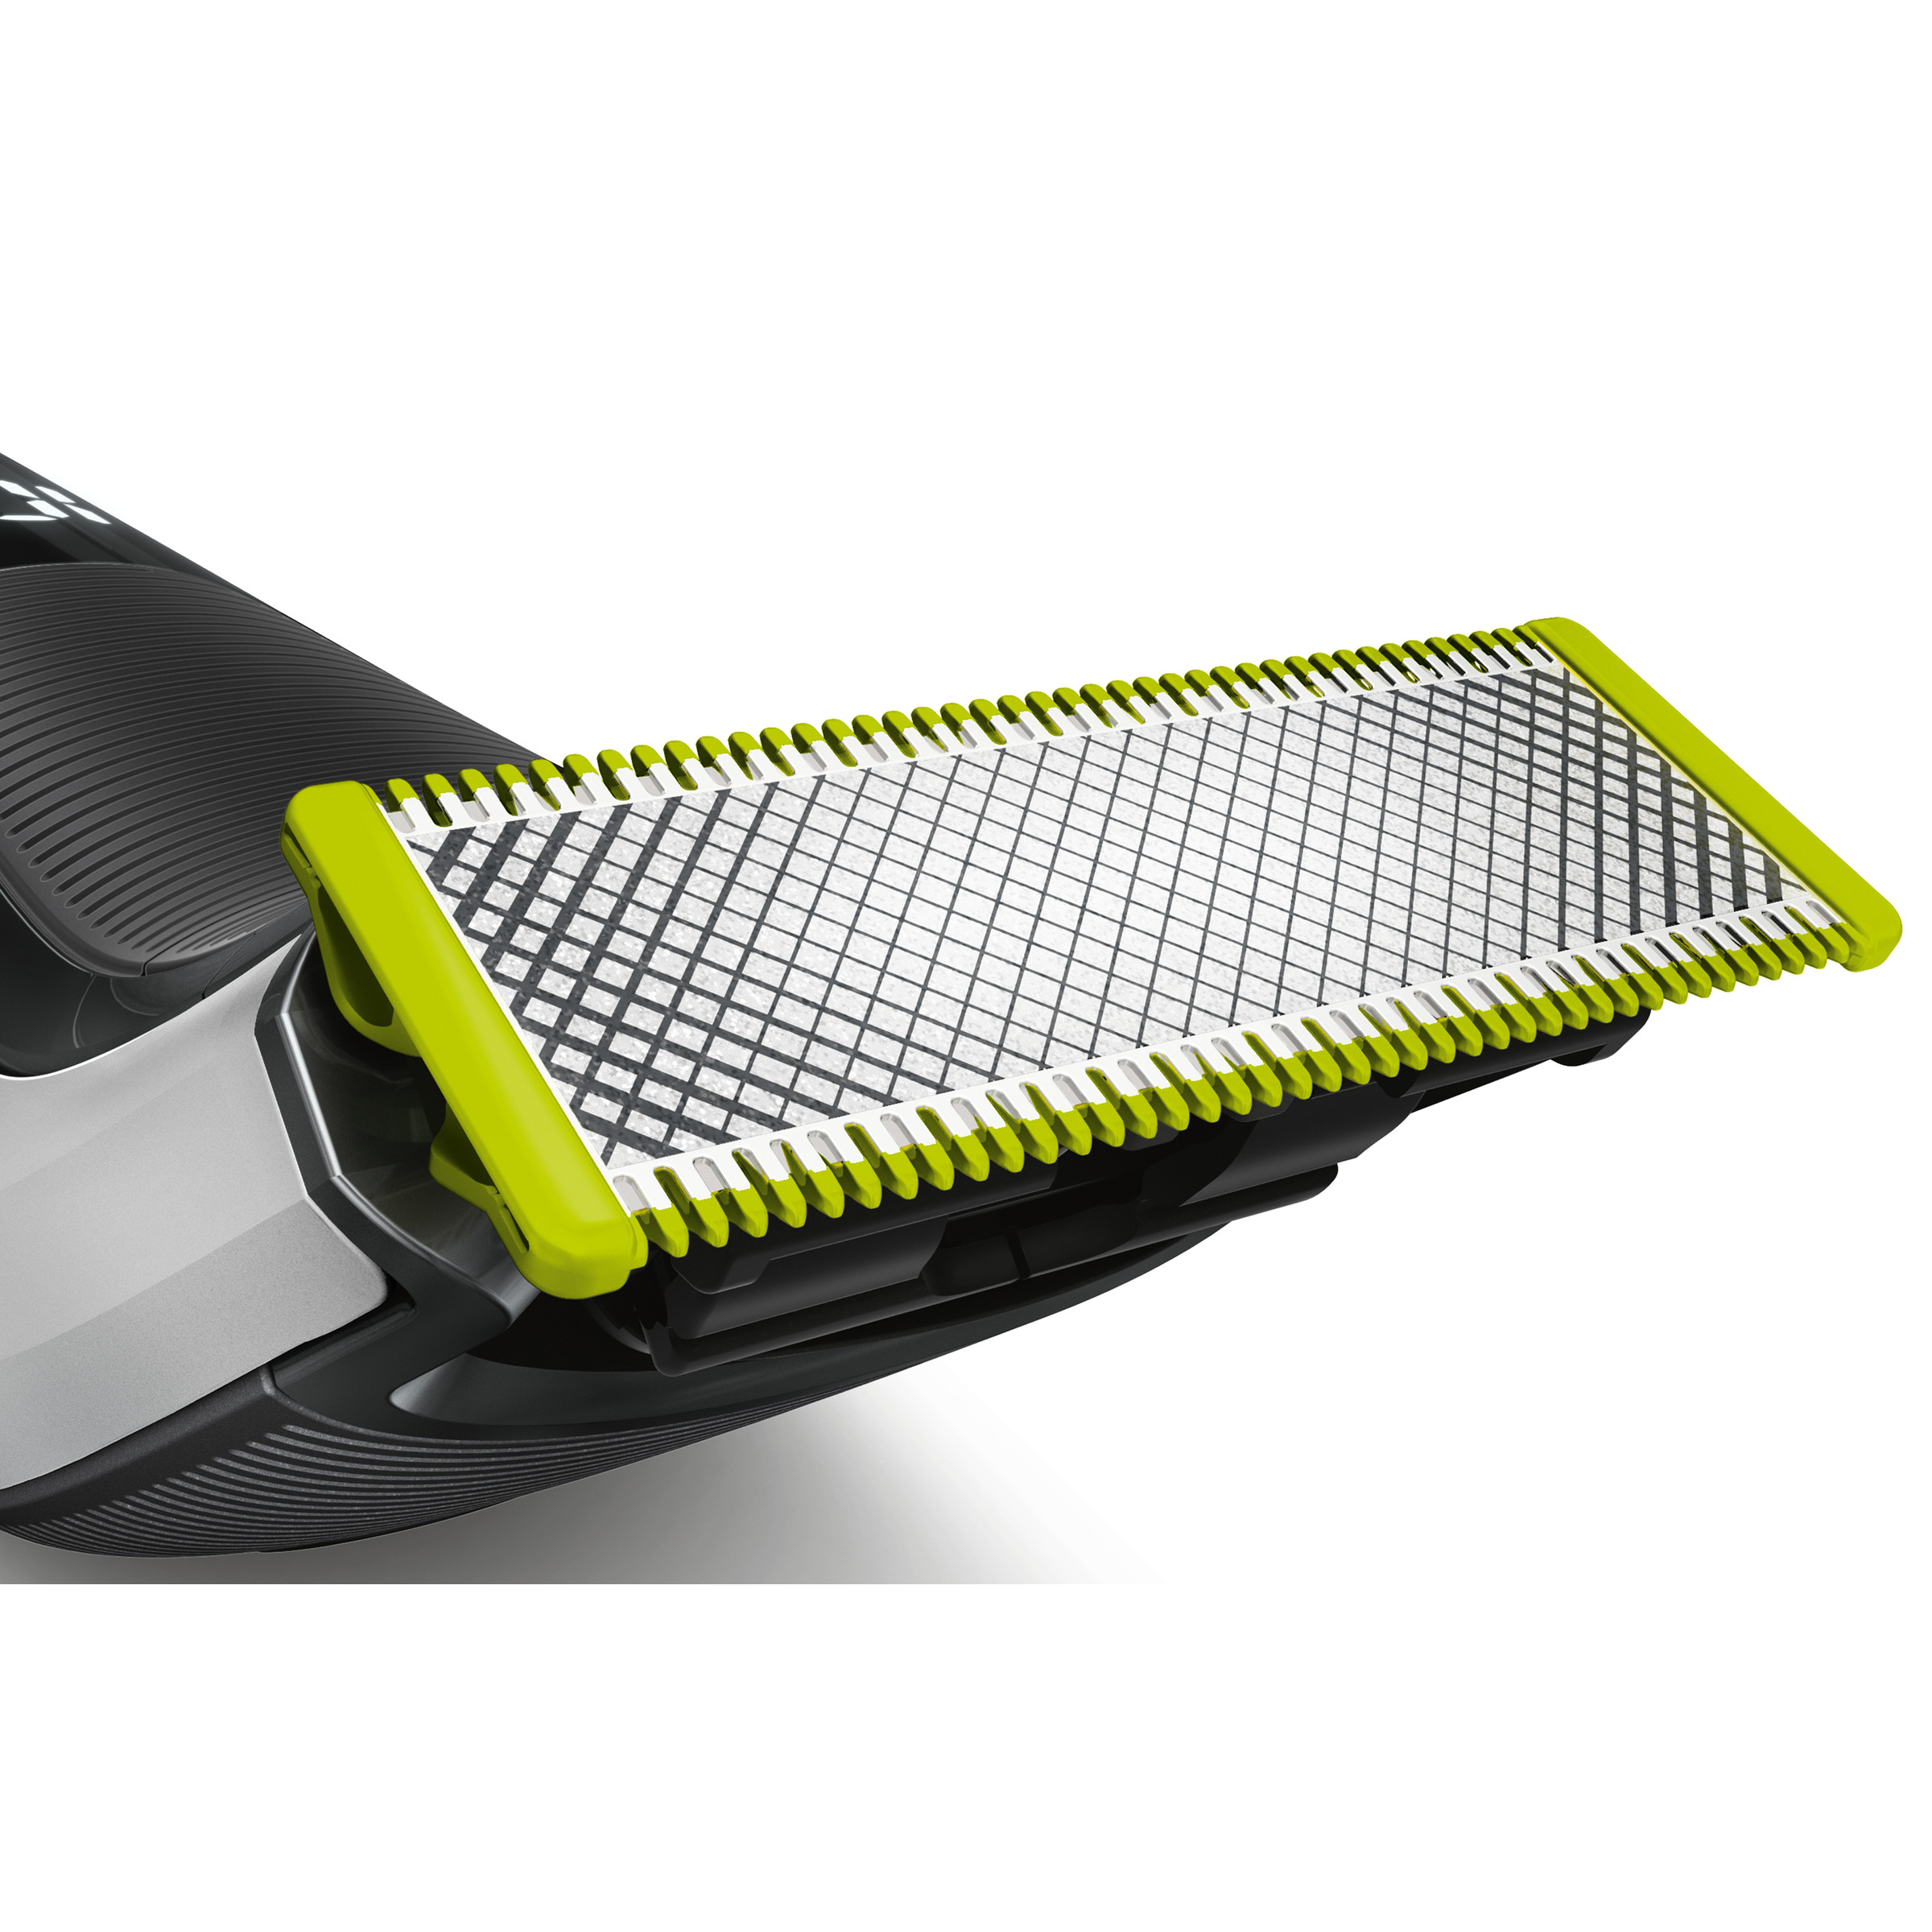 25% de descuento en Recortadora y afeitadora híbrida Philips Norelco OneBlade Pro